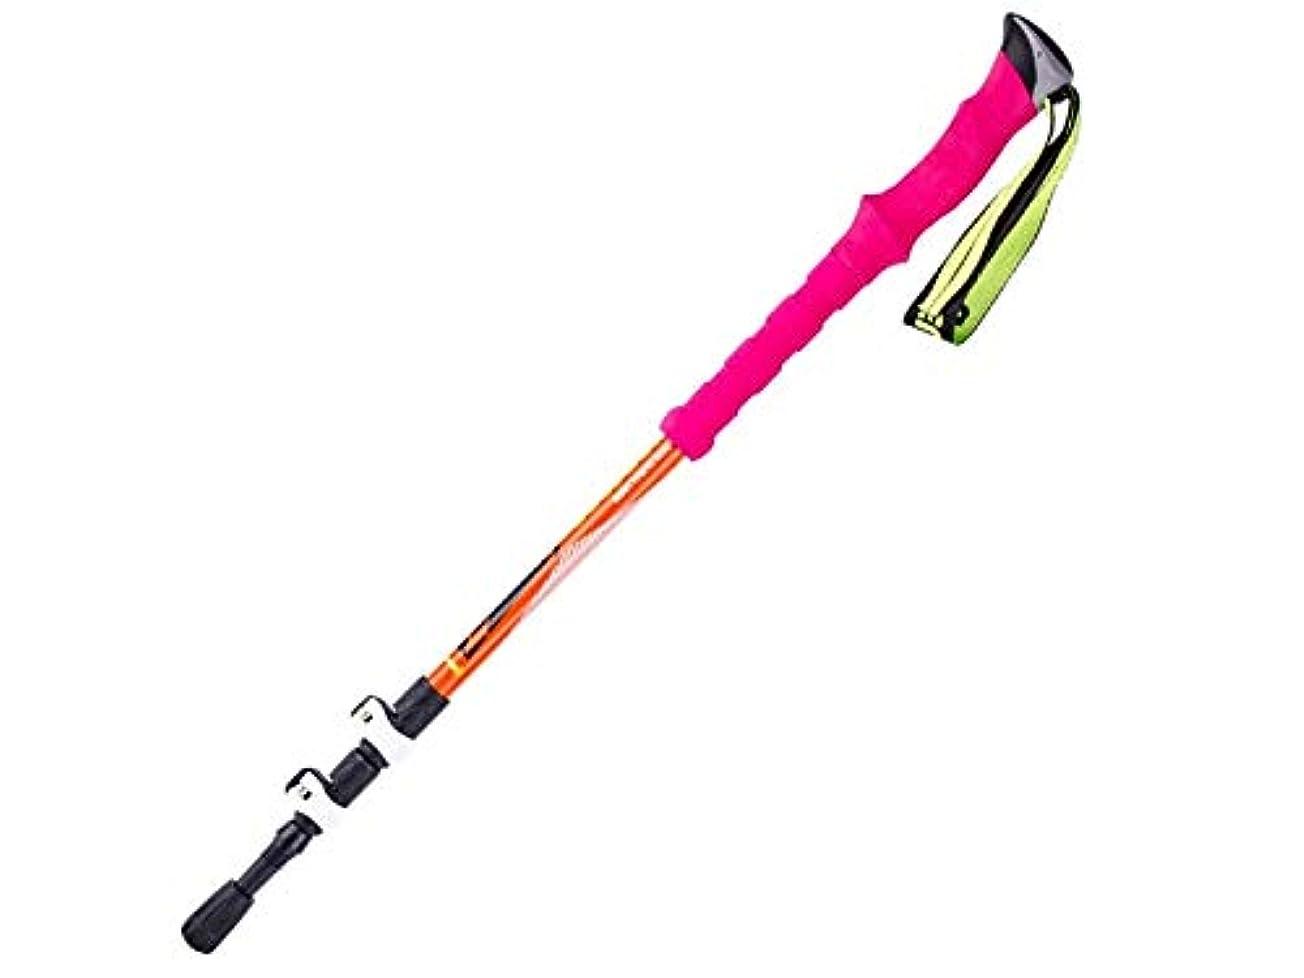 化合物着替える伝統的Pullic 快適 外部ロック スキー ケーン トレッキングポール 軽量 ストレートハンドル ハイキングスティック ハイキング(ブルー)